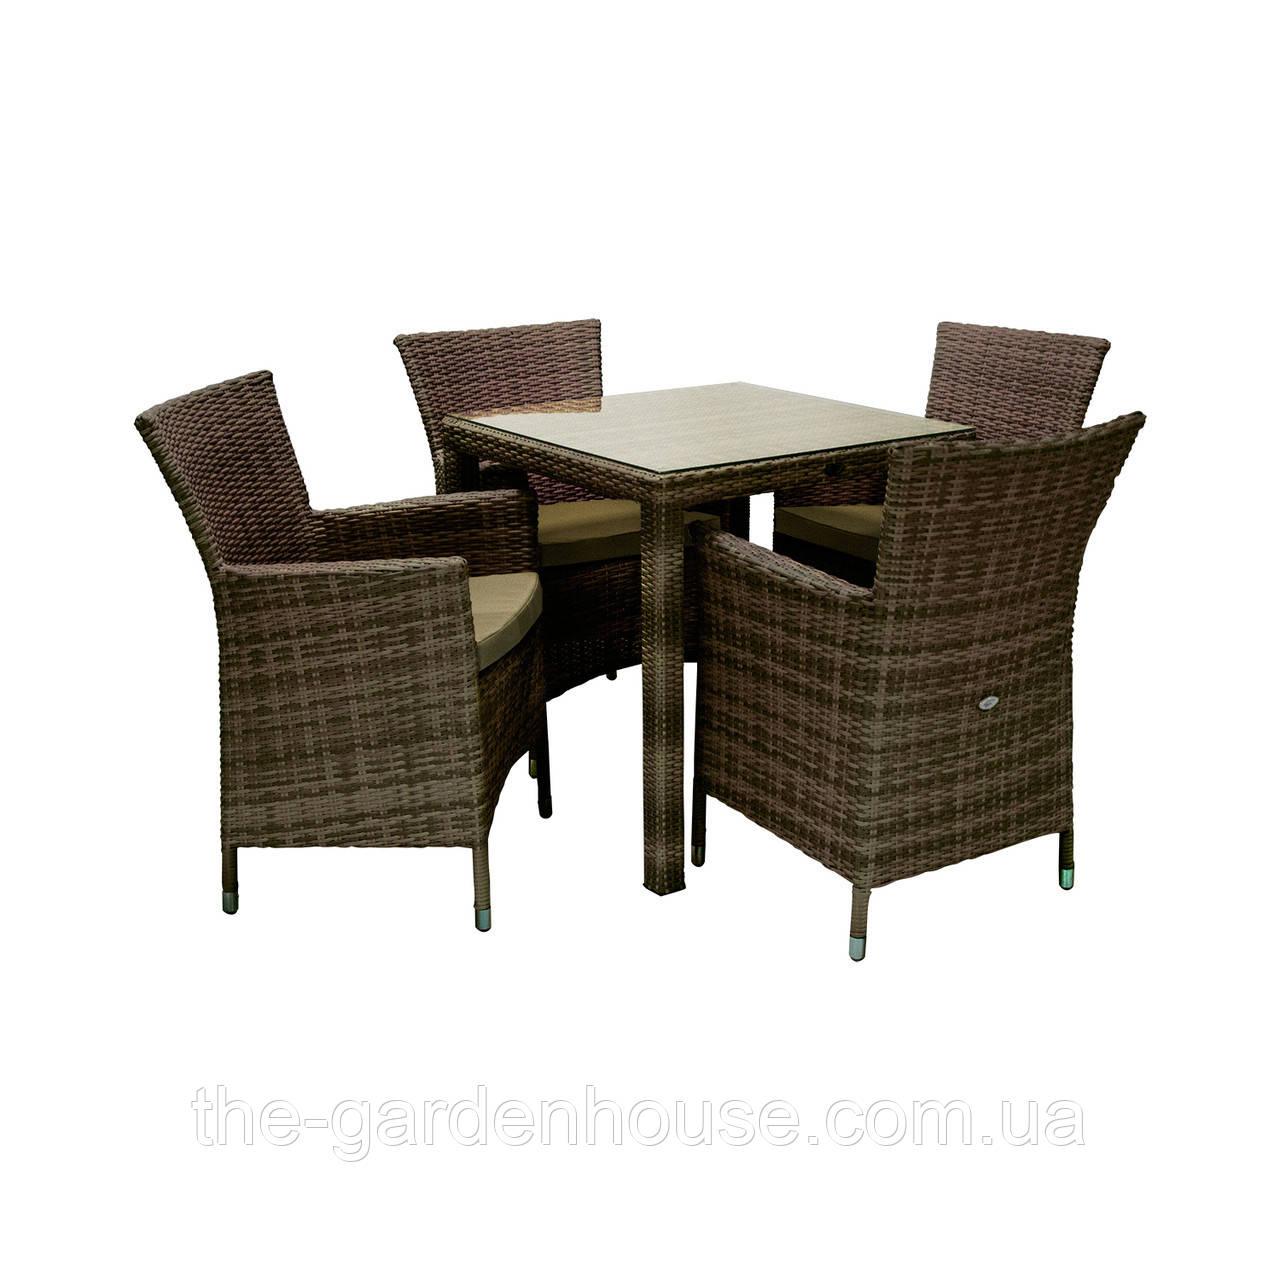 Столовый набор садовой мебели WICKER из искусственного ротанга темно-коричневый